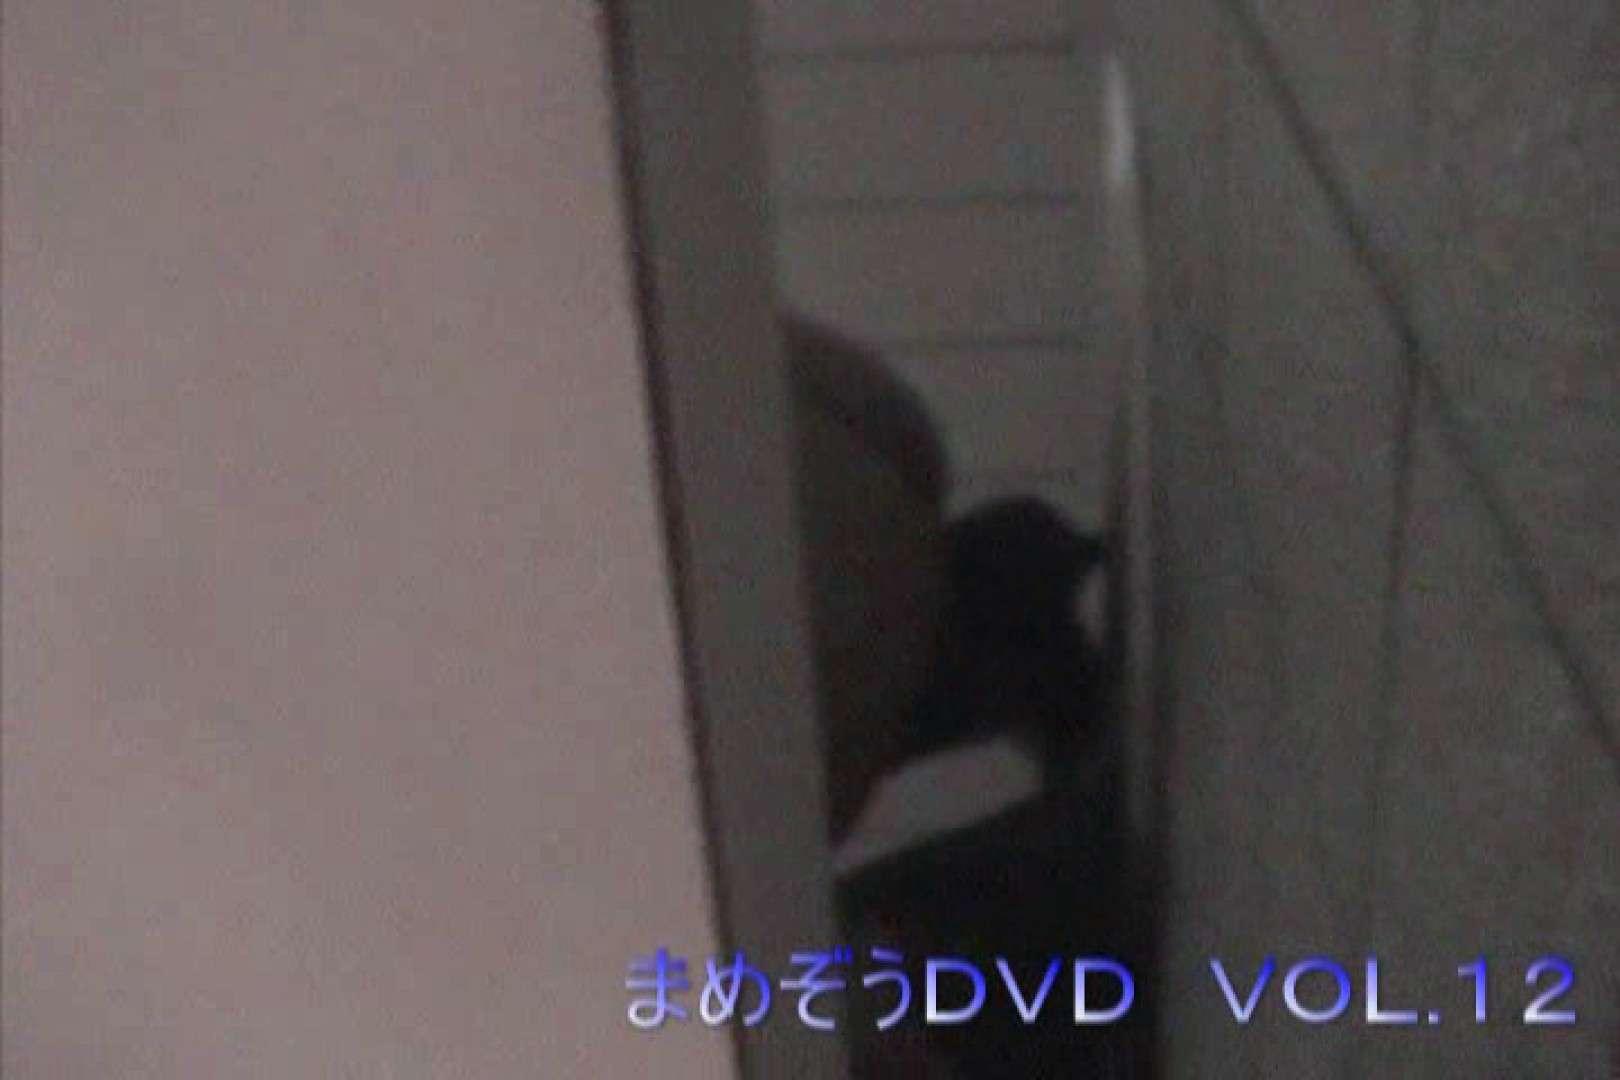 まめぞうDVD完全版VOL.12 OL   ギャル・コレクション  63連発 28